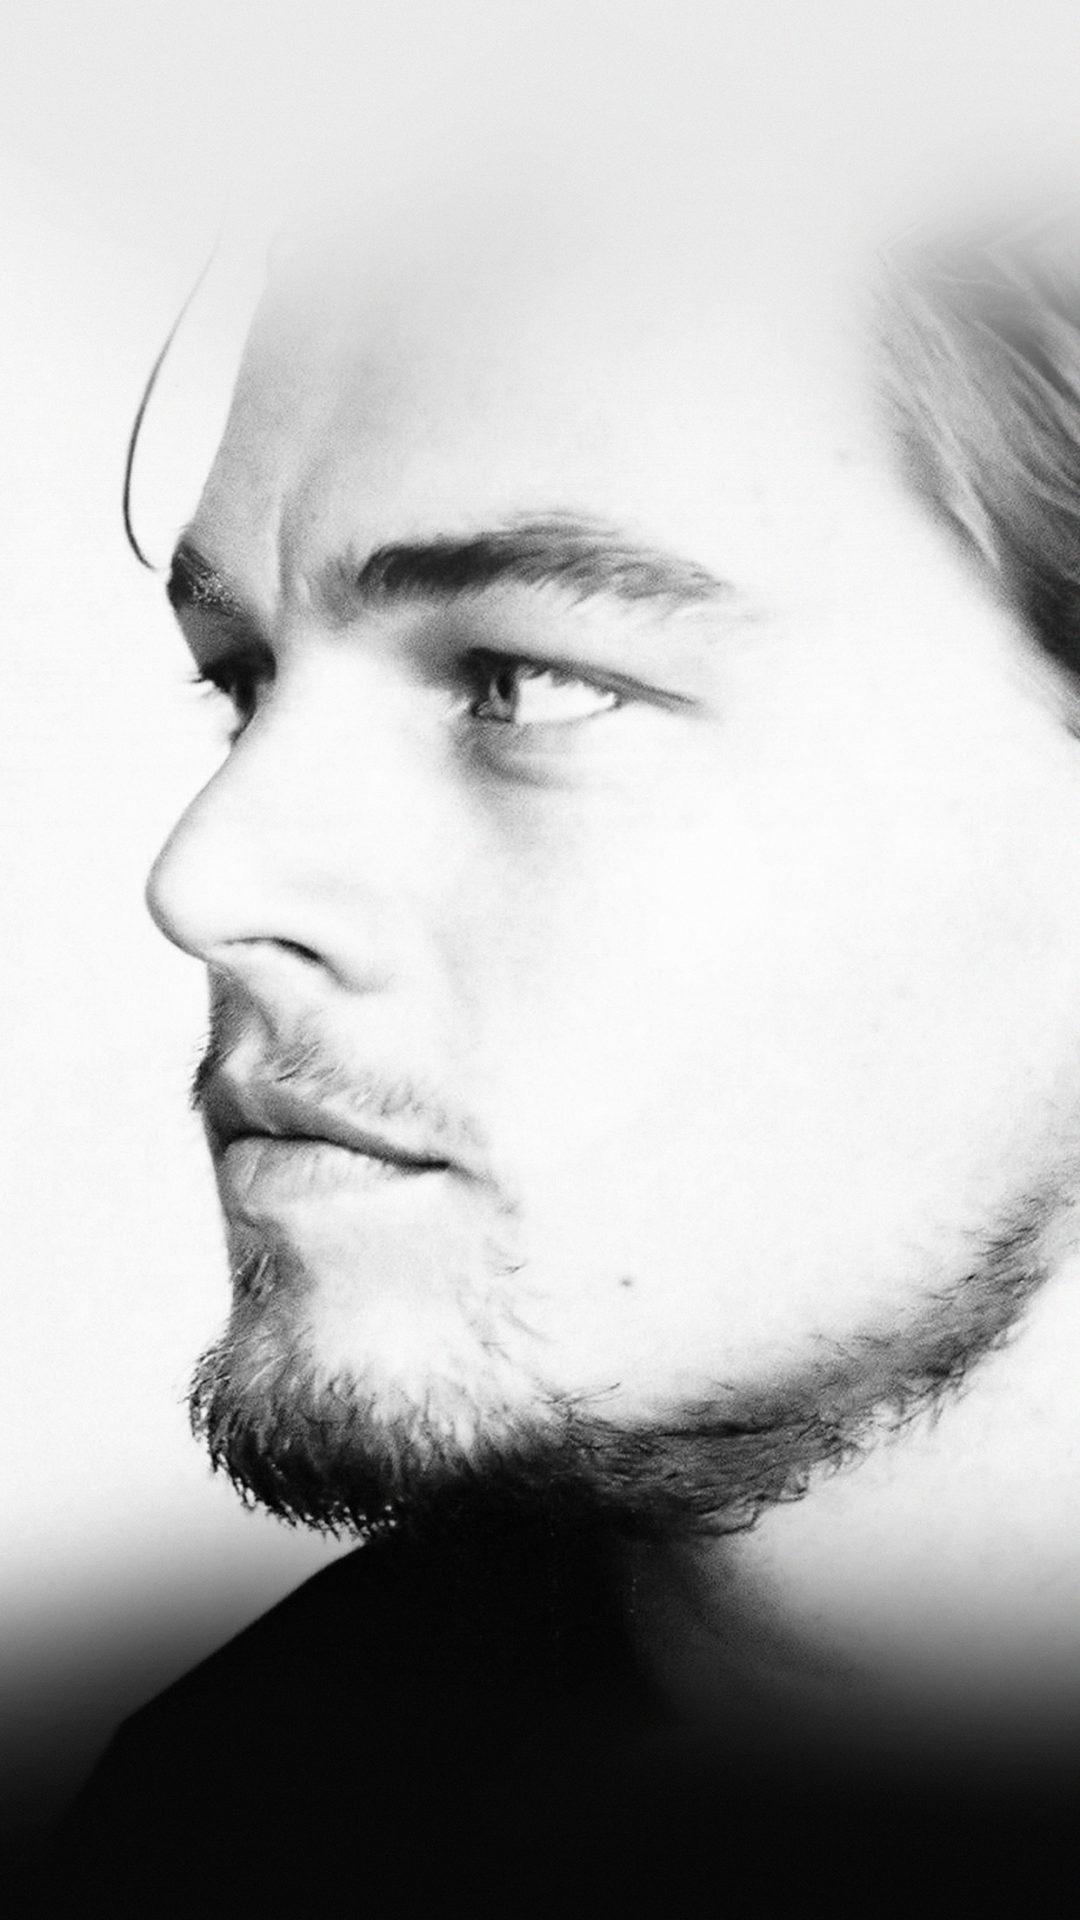 Leonardo Dicaprio Face Film Star